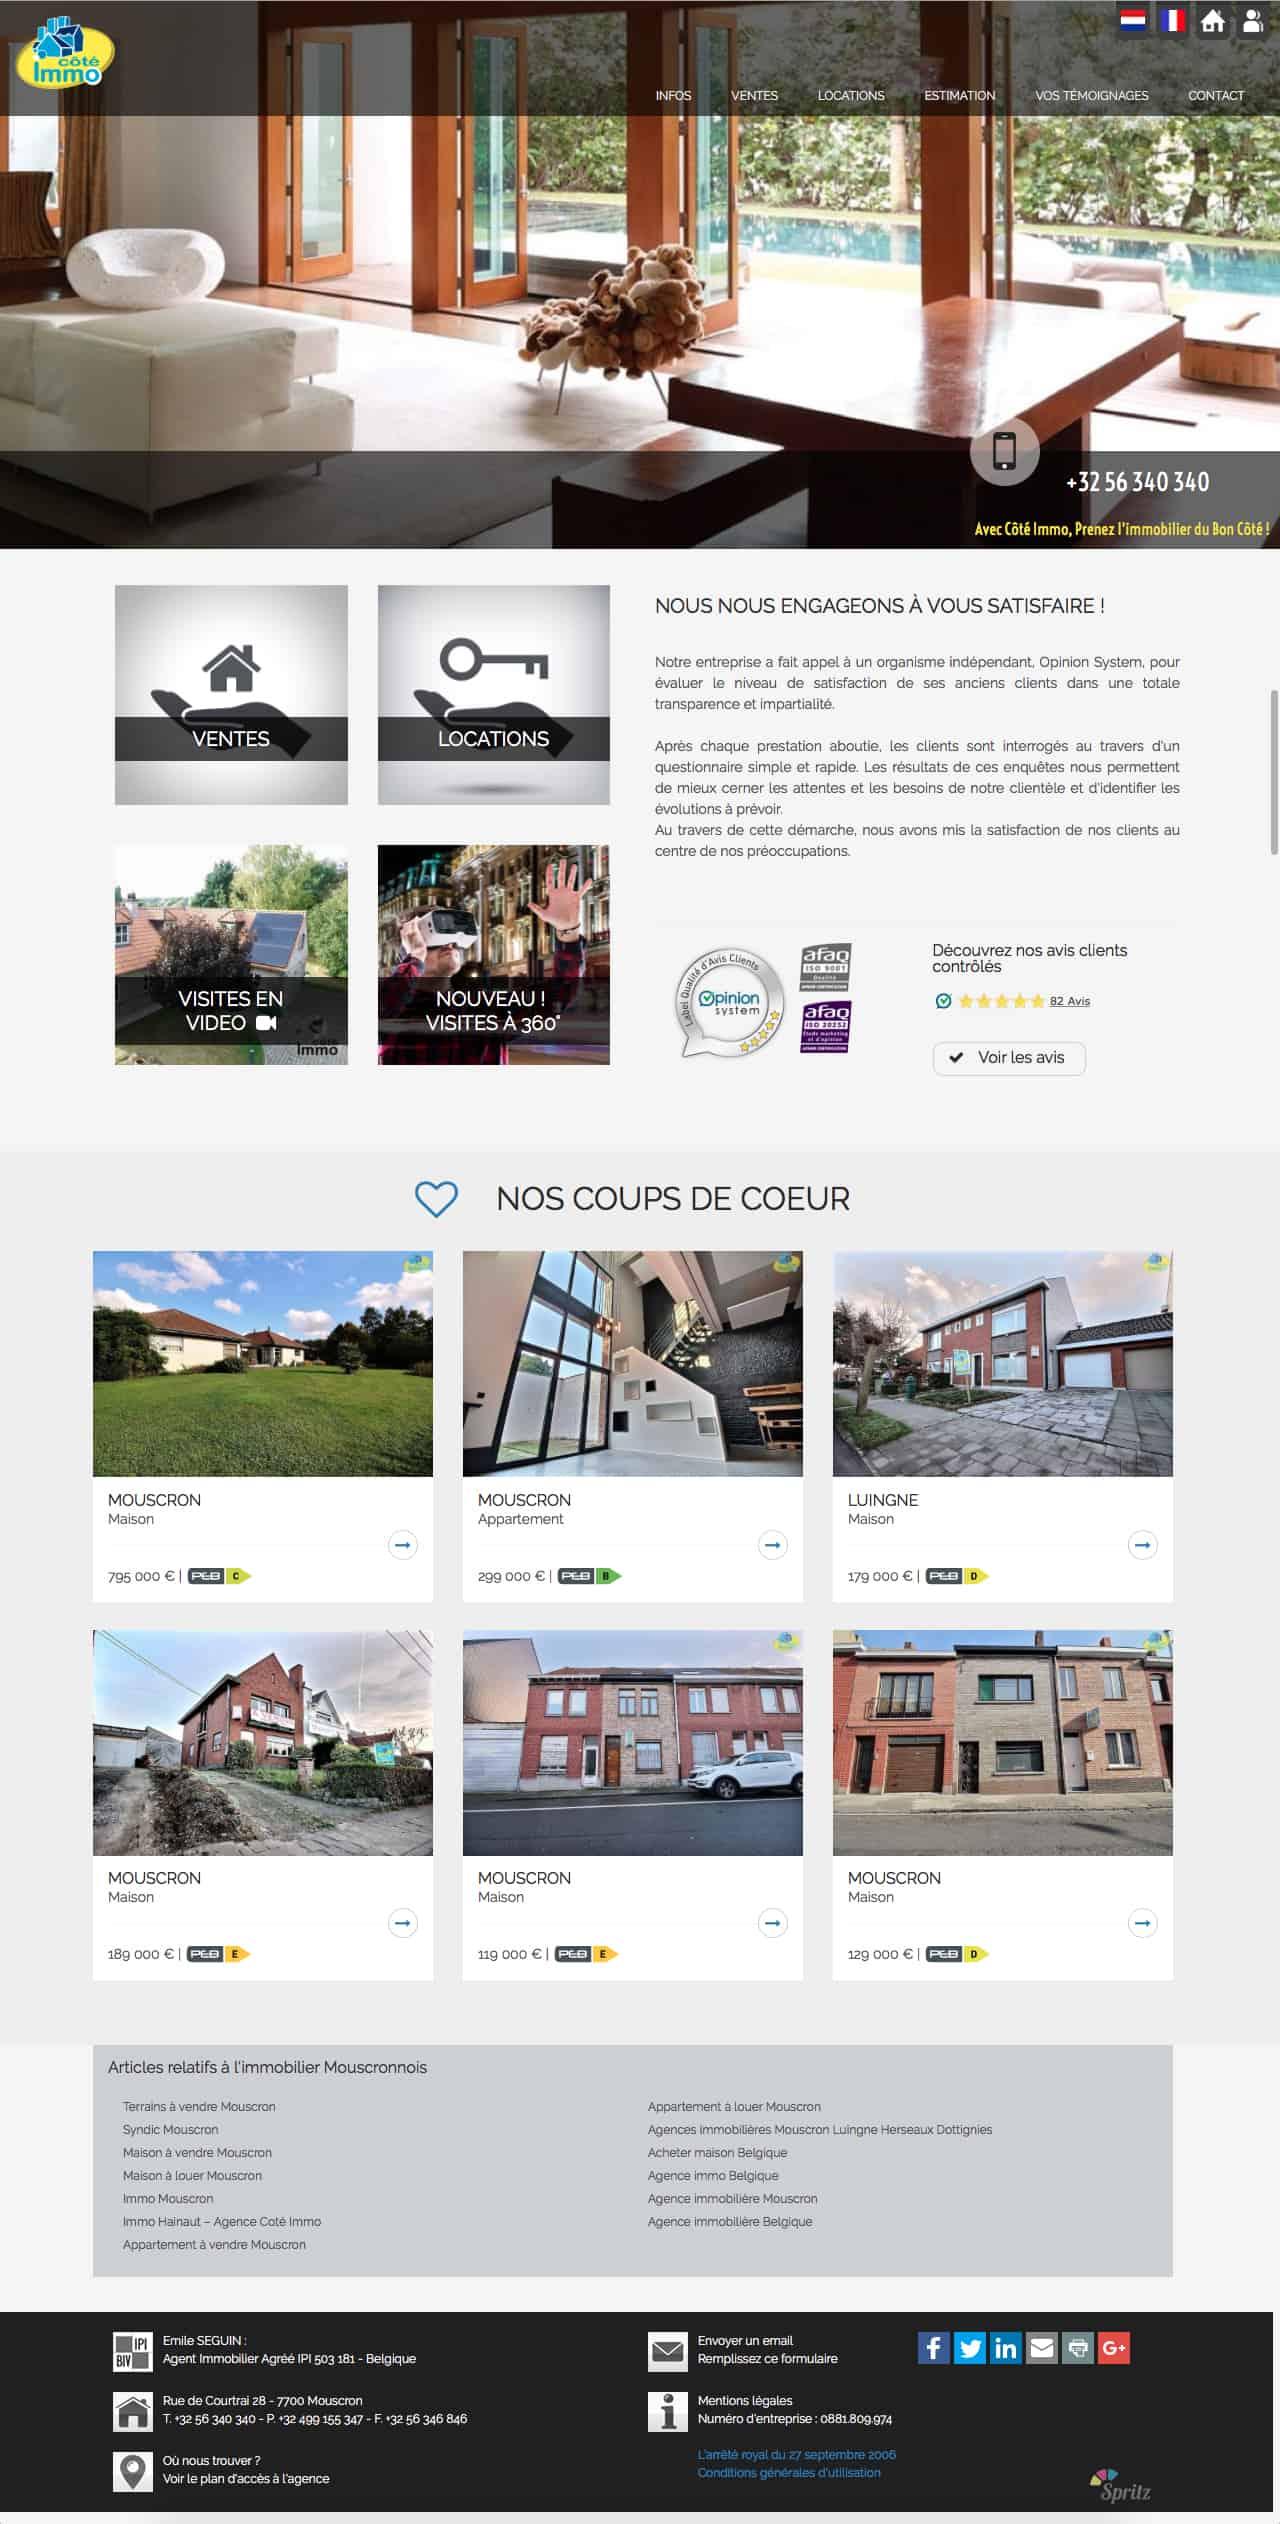 Agence immobilière Mouscron - Agence immobilière Belgique